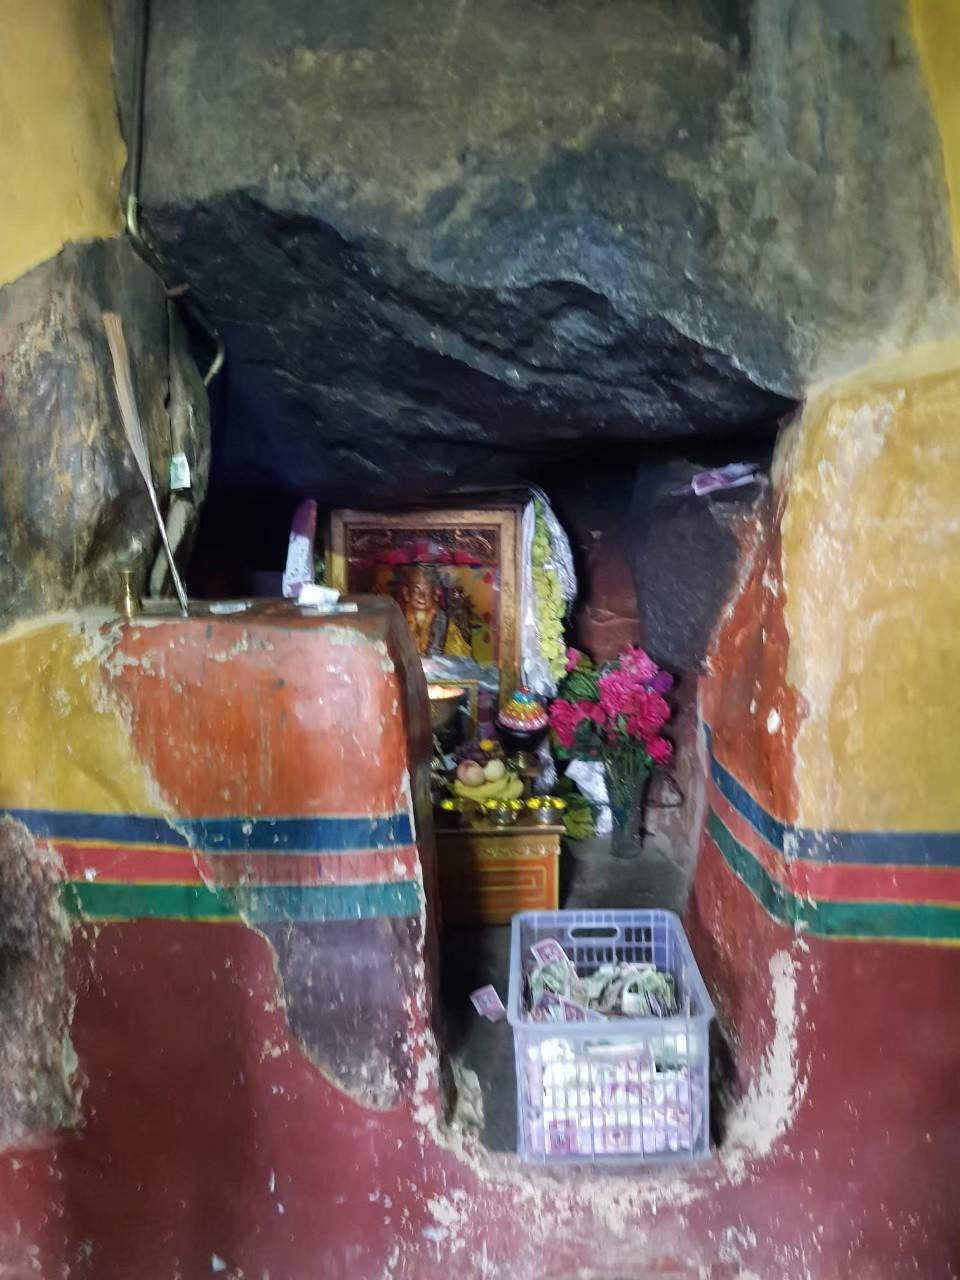 宗大師曾於沃卡地區閉關專修,此為沃卡曲龍寺宗大師閉關山洞。攝影:楊建興